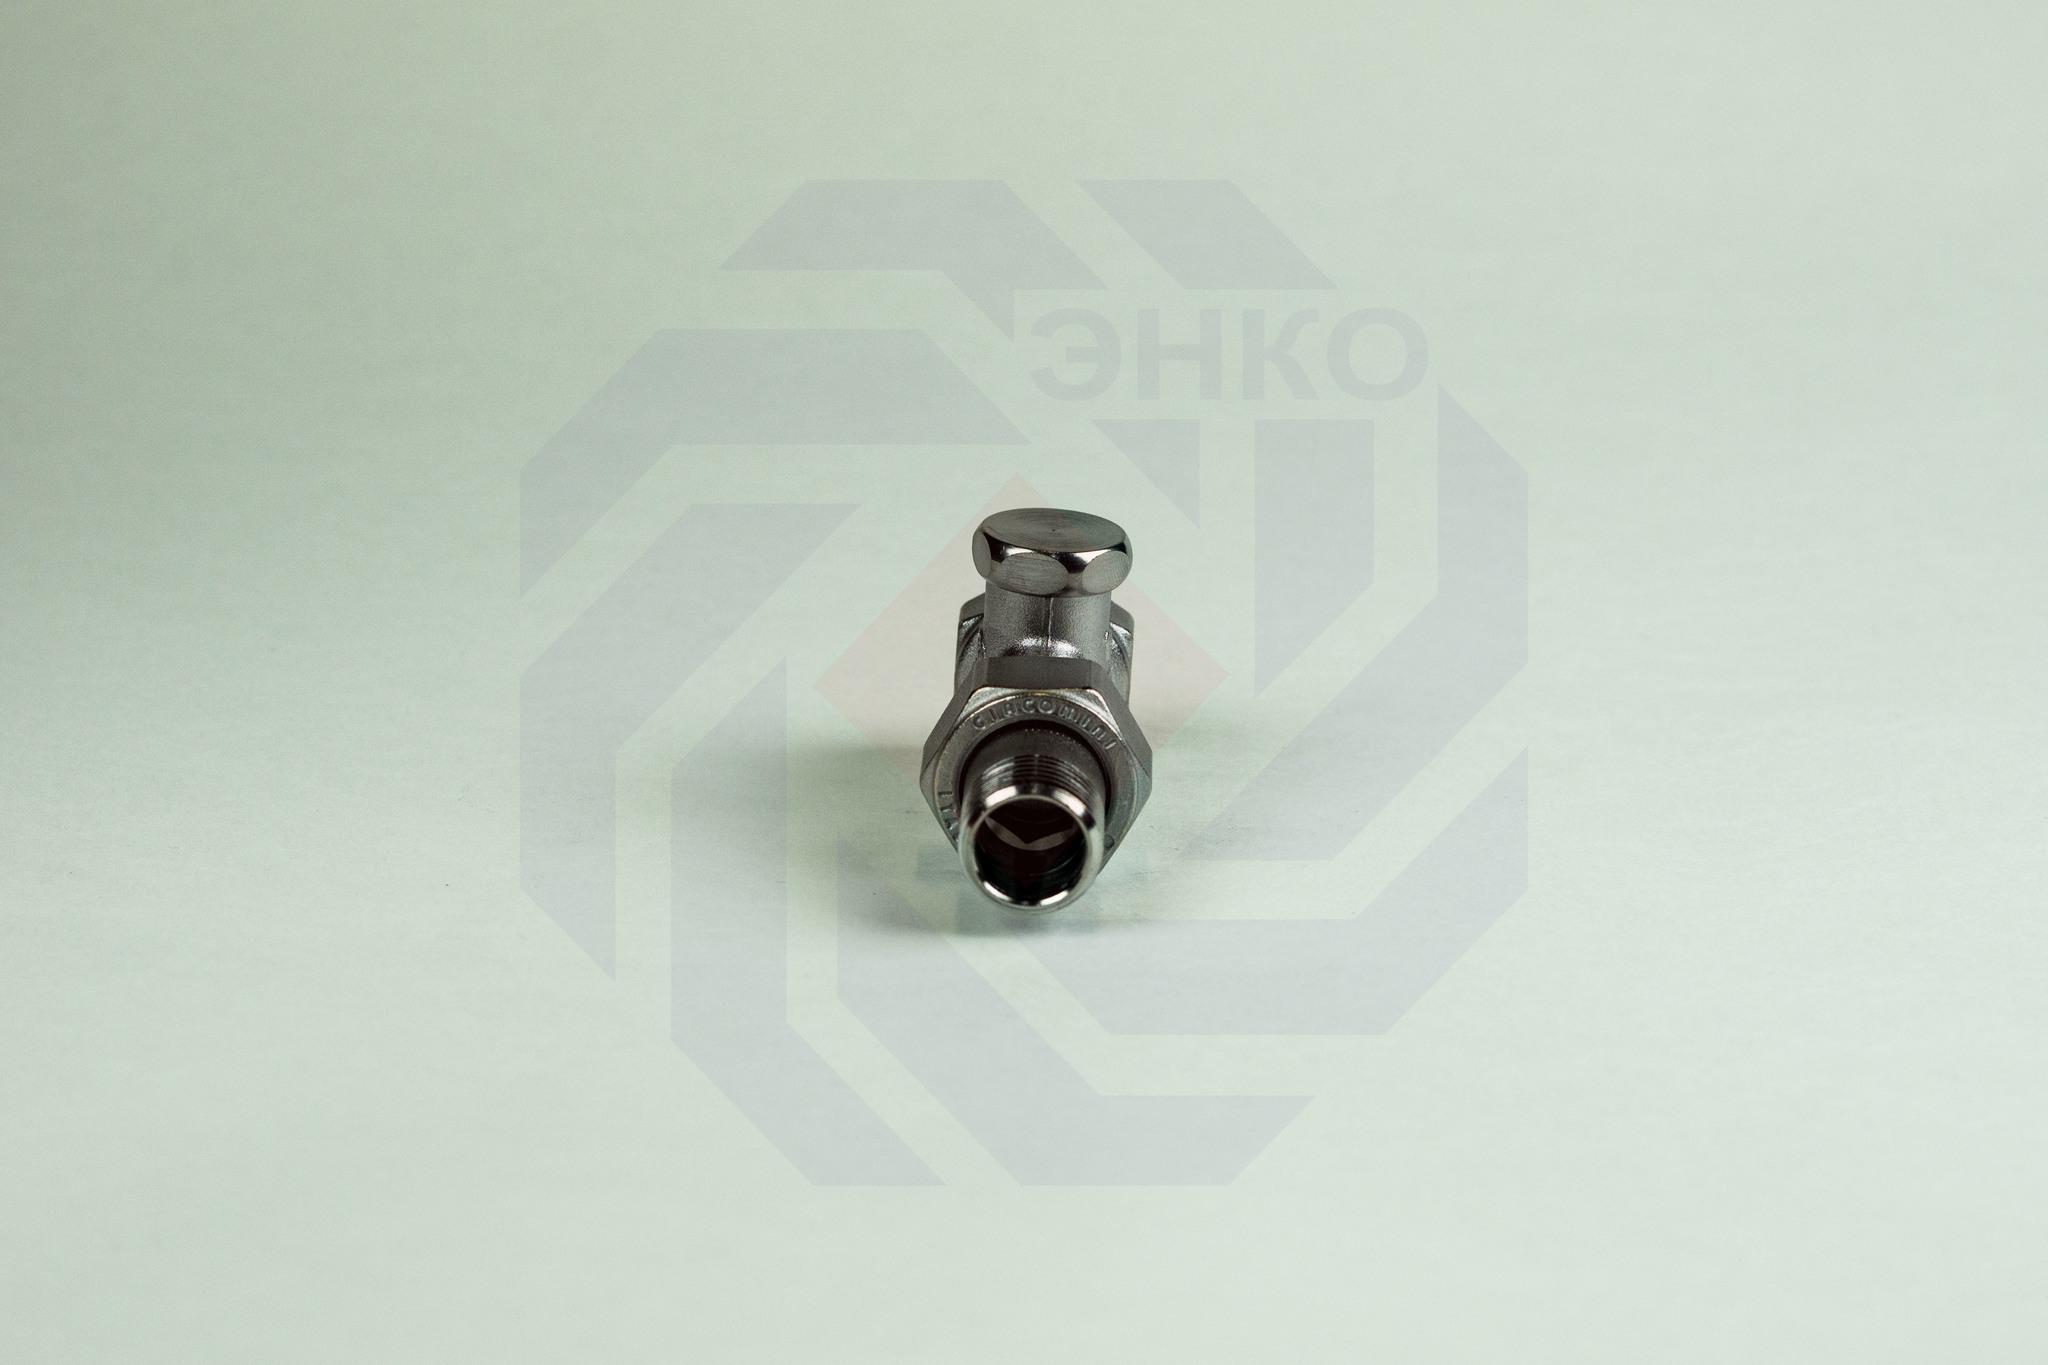 Клапан радиаторный отсечной GIACOMINI R17D2 прямой ¾